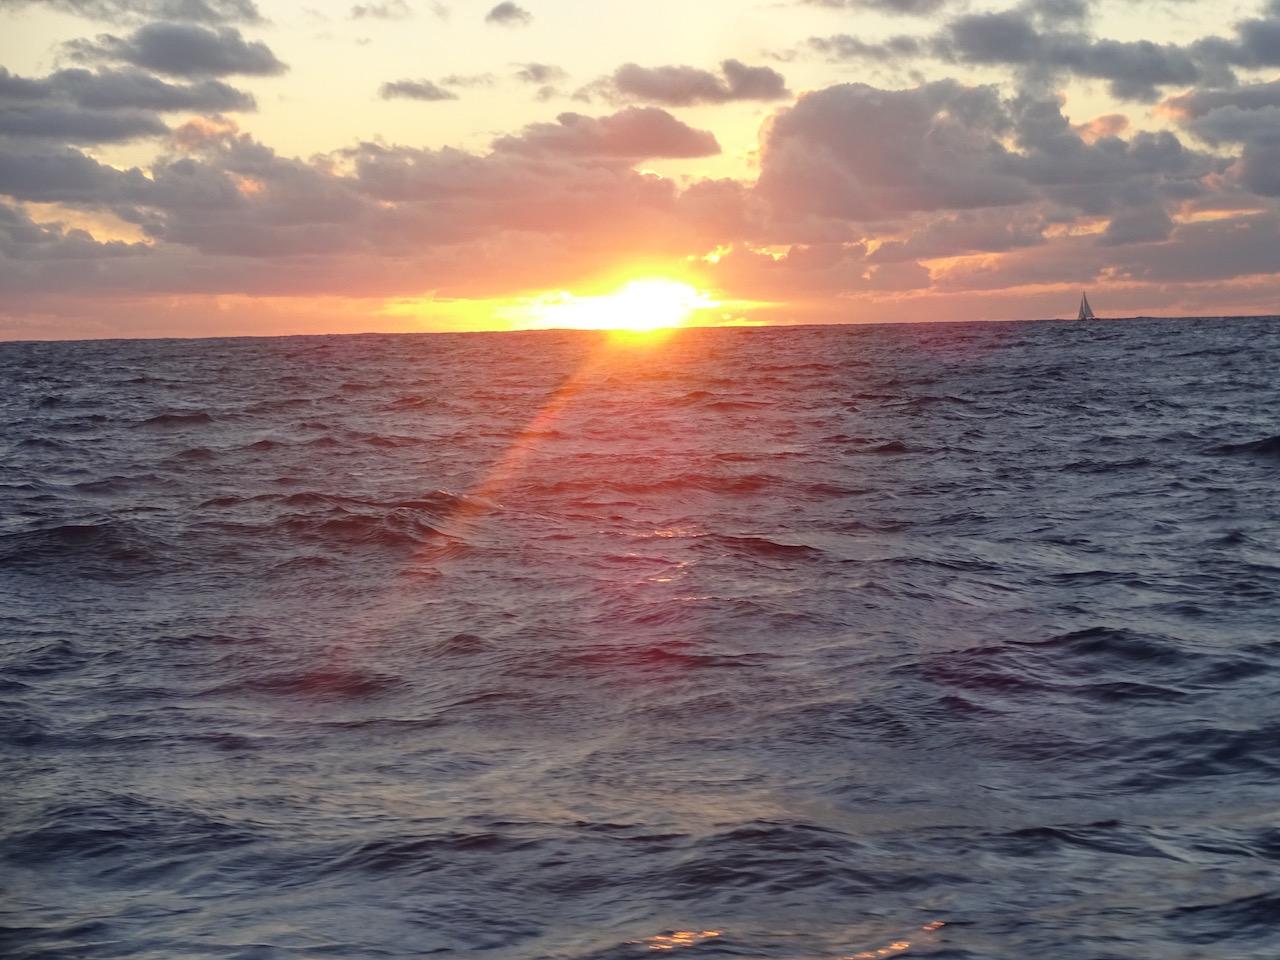 zum Sonnenuntergang sind wir noch immer in Sichtweite der svea - an Tag 2 trennen uns nach 150 sm nur gut 1 Kilometer